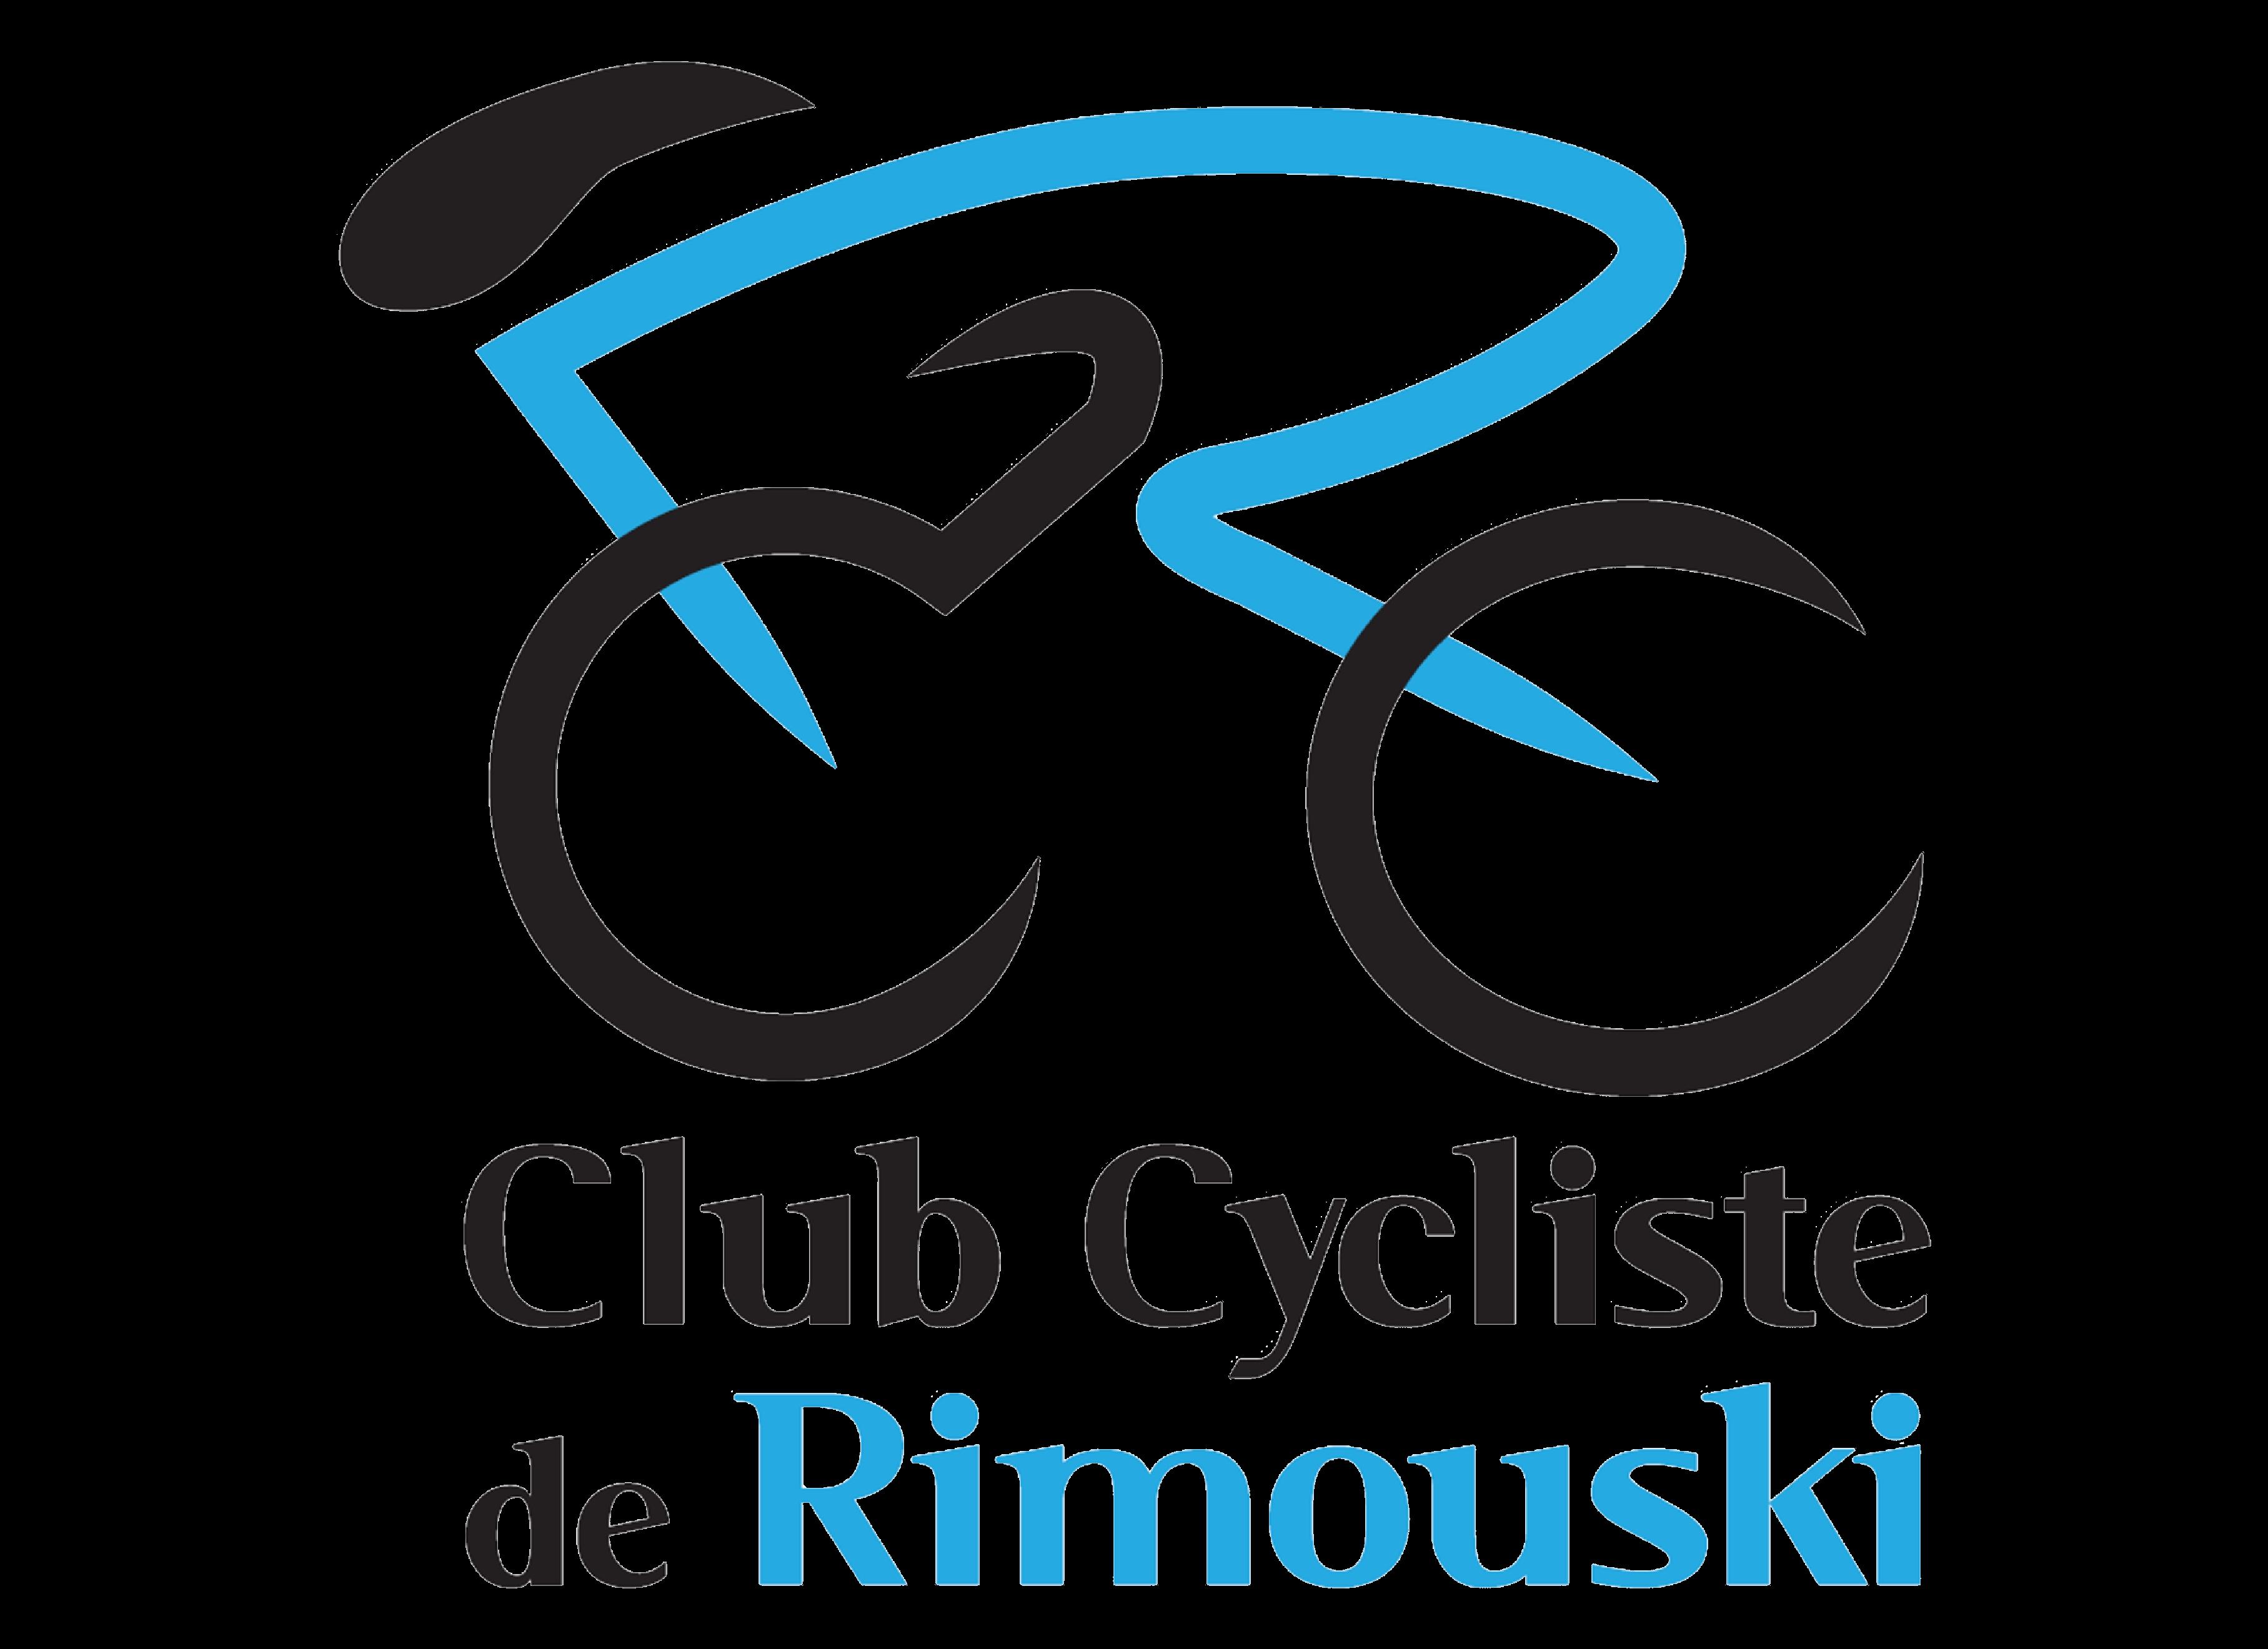 Club Cycliste Rimouski